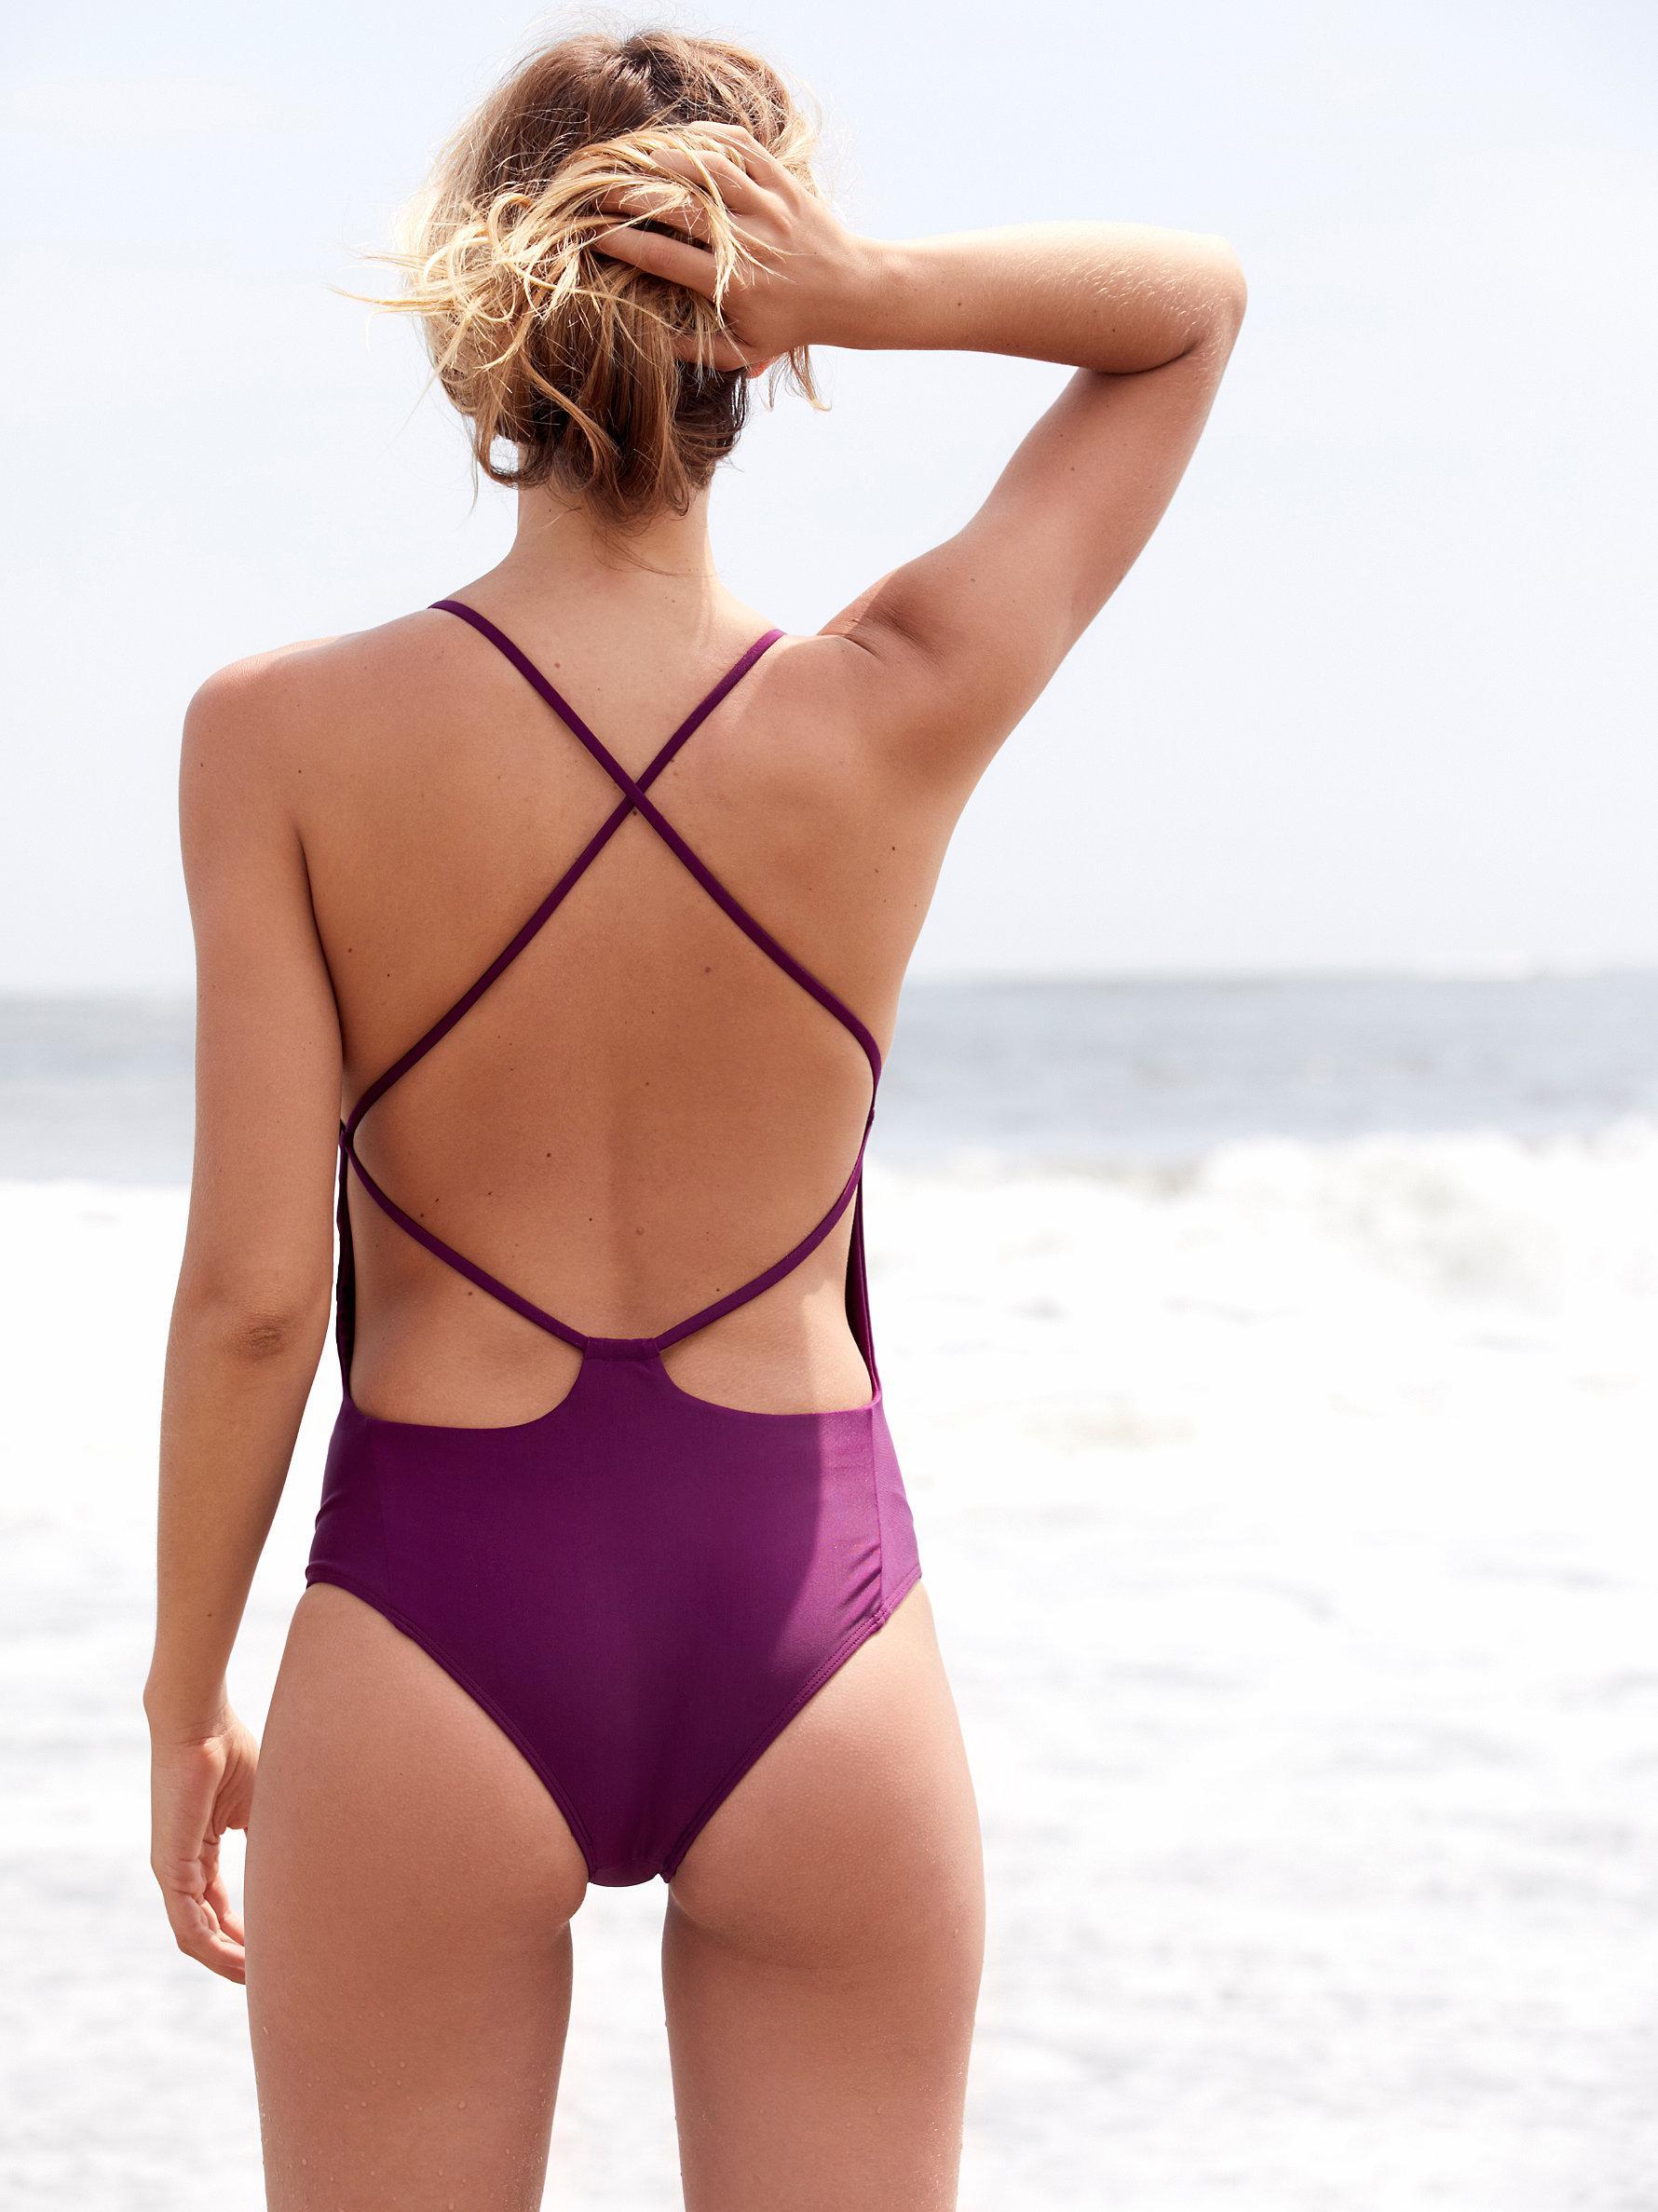 b6b1c0f2a0df Free People Farrah One Piece Swimsuit in Purple - Lyst